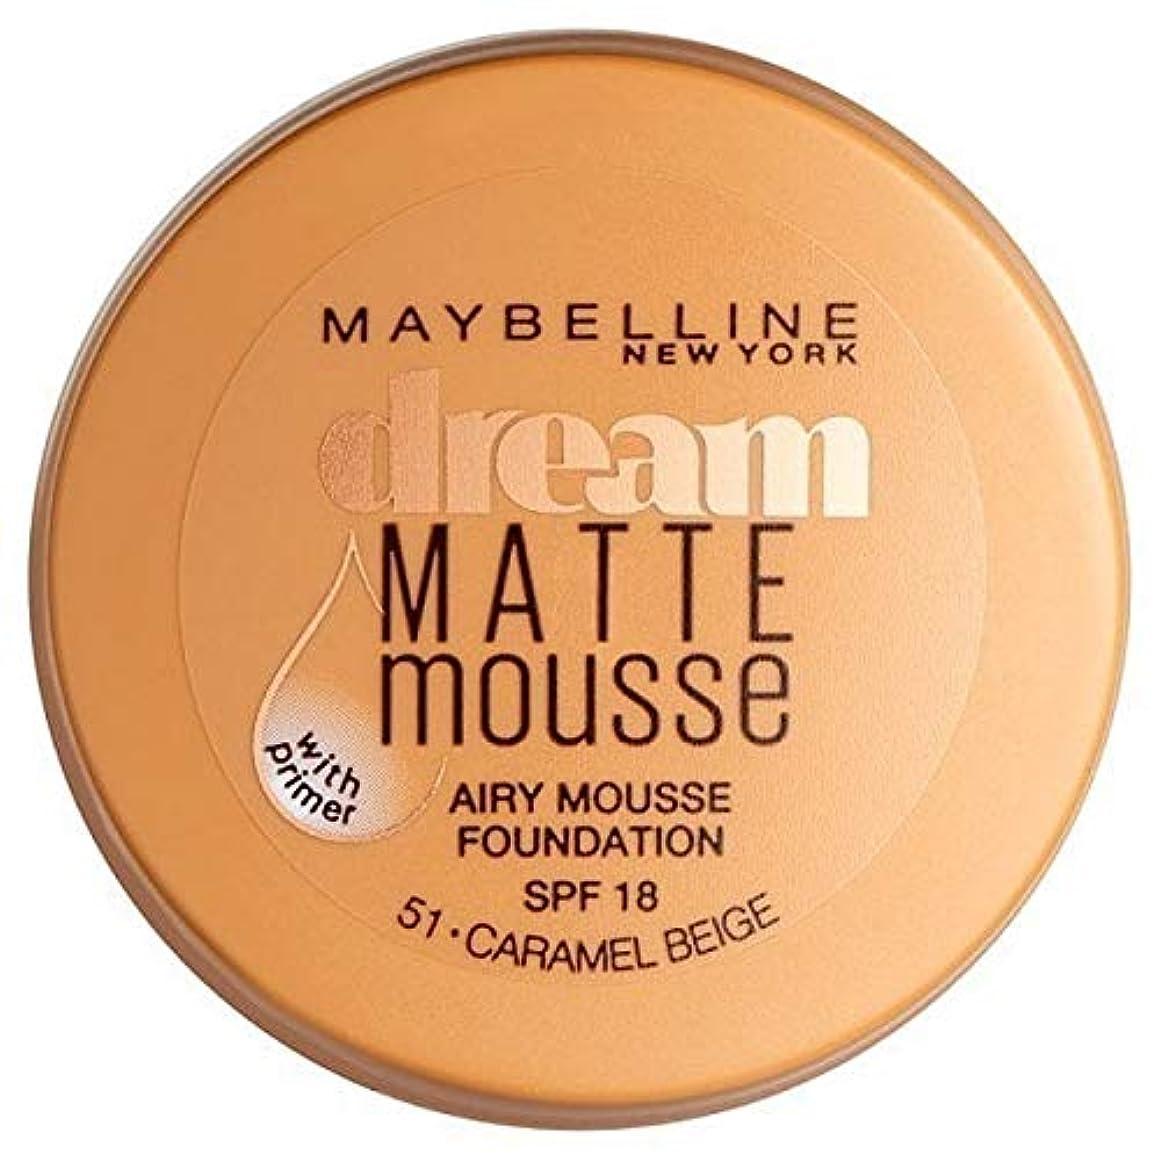 モトリーアトミックメロン[Maybelline ] メイベリン夢のマットムース基盤051キャラメルベージュ - Maybelline Dream Matte Mousse Foundation 051 Caramel Beige [並行輸入品]